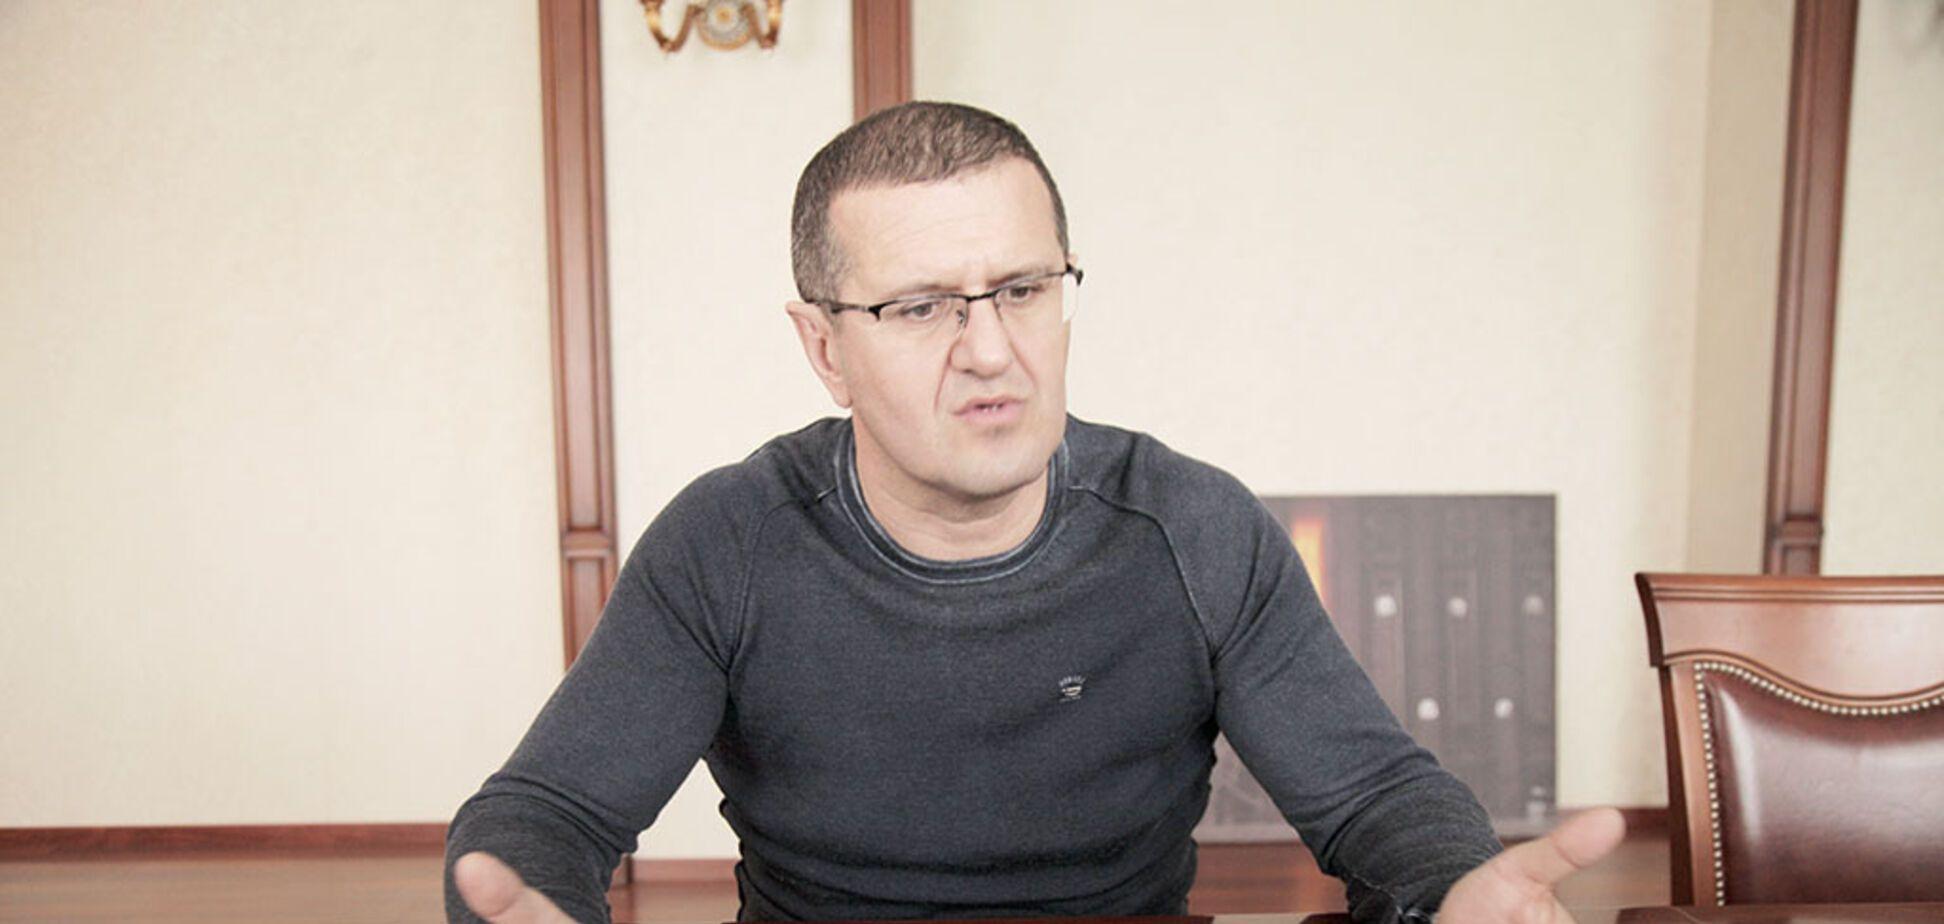 Муса Магомедов заявил, что законопроект об экоконтроле содержит драконовские нормы в отношении бизнеса